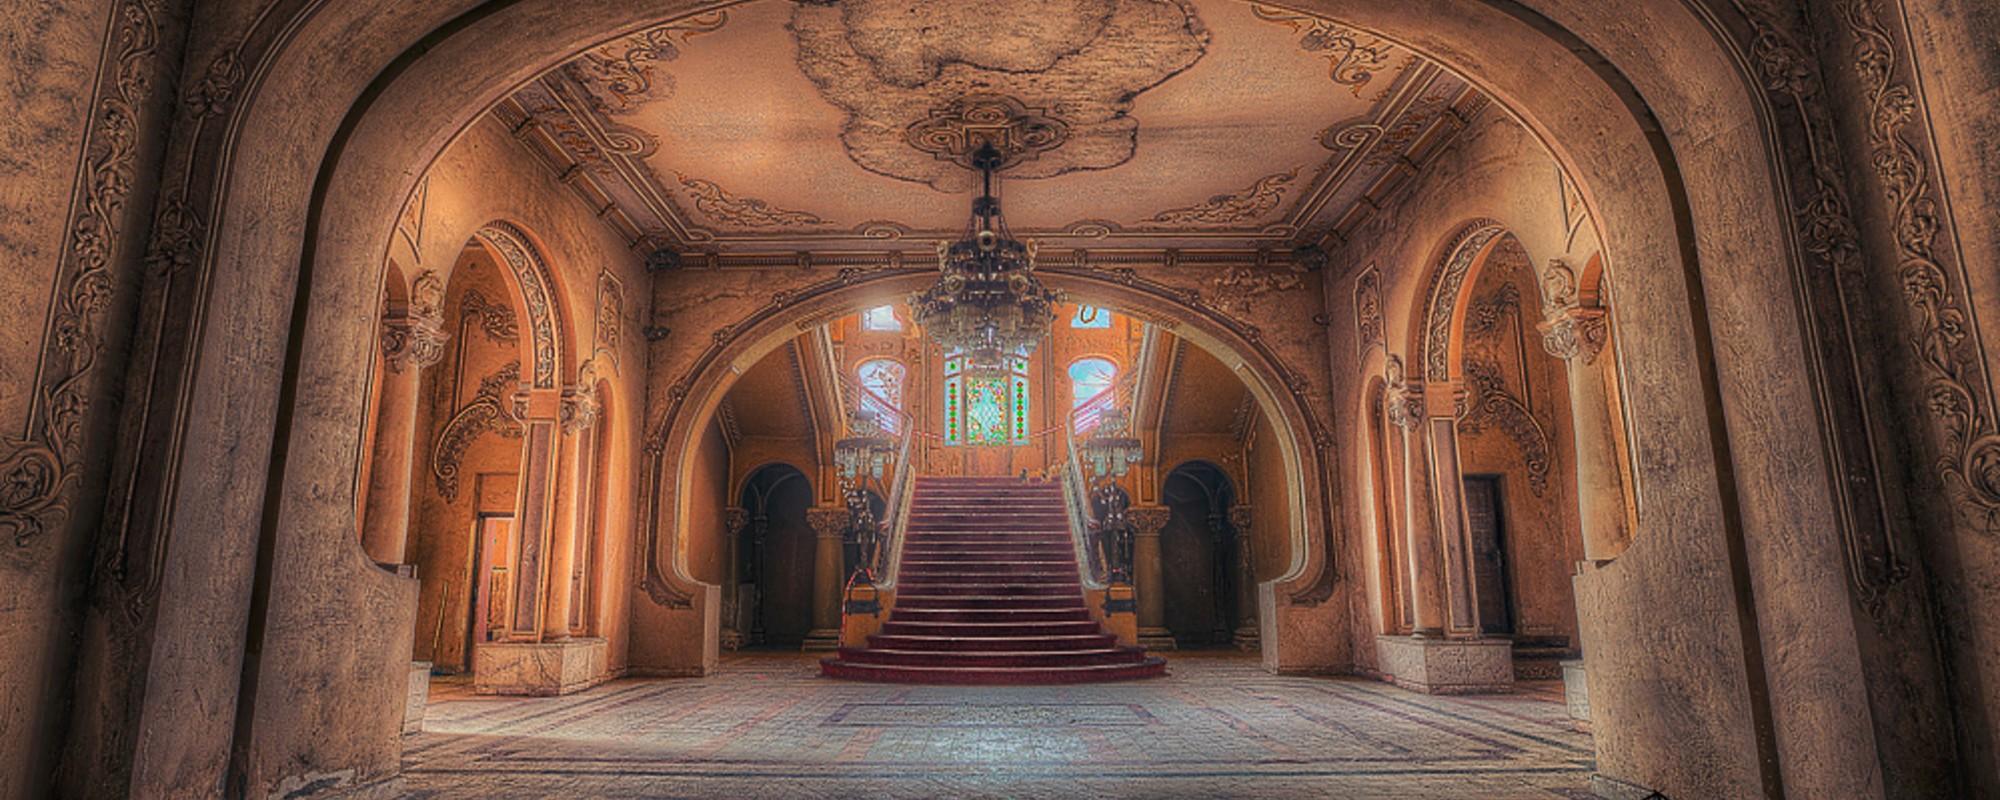 Cazinoul ruinat din Constanța îți arată cum luxul românesc se dizolvă-n nepăsare